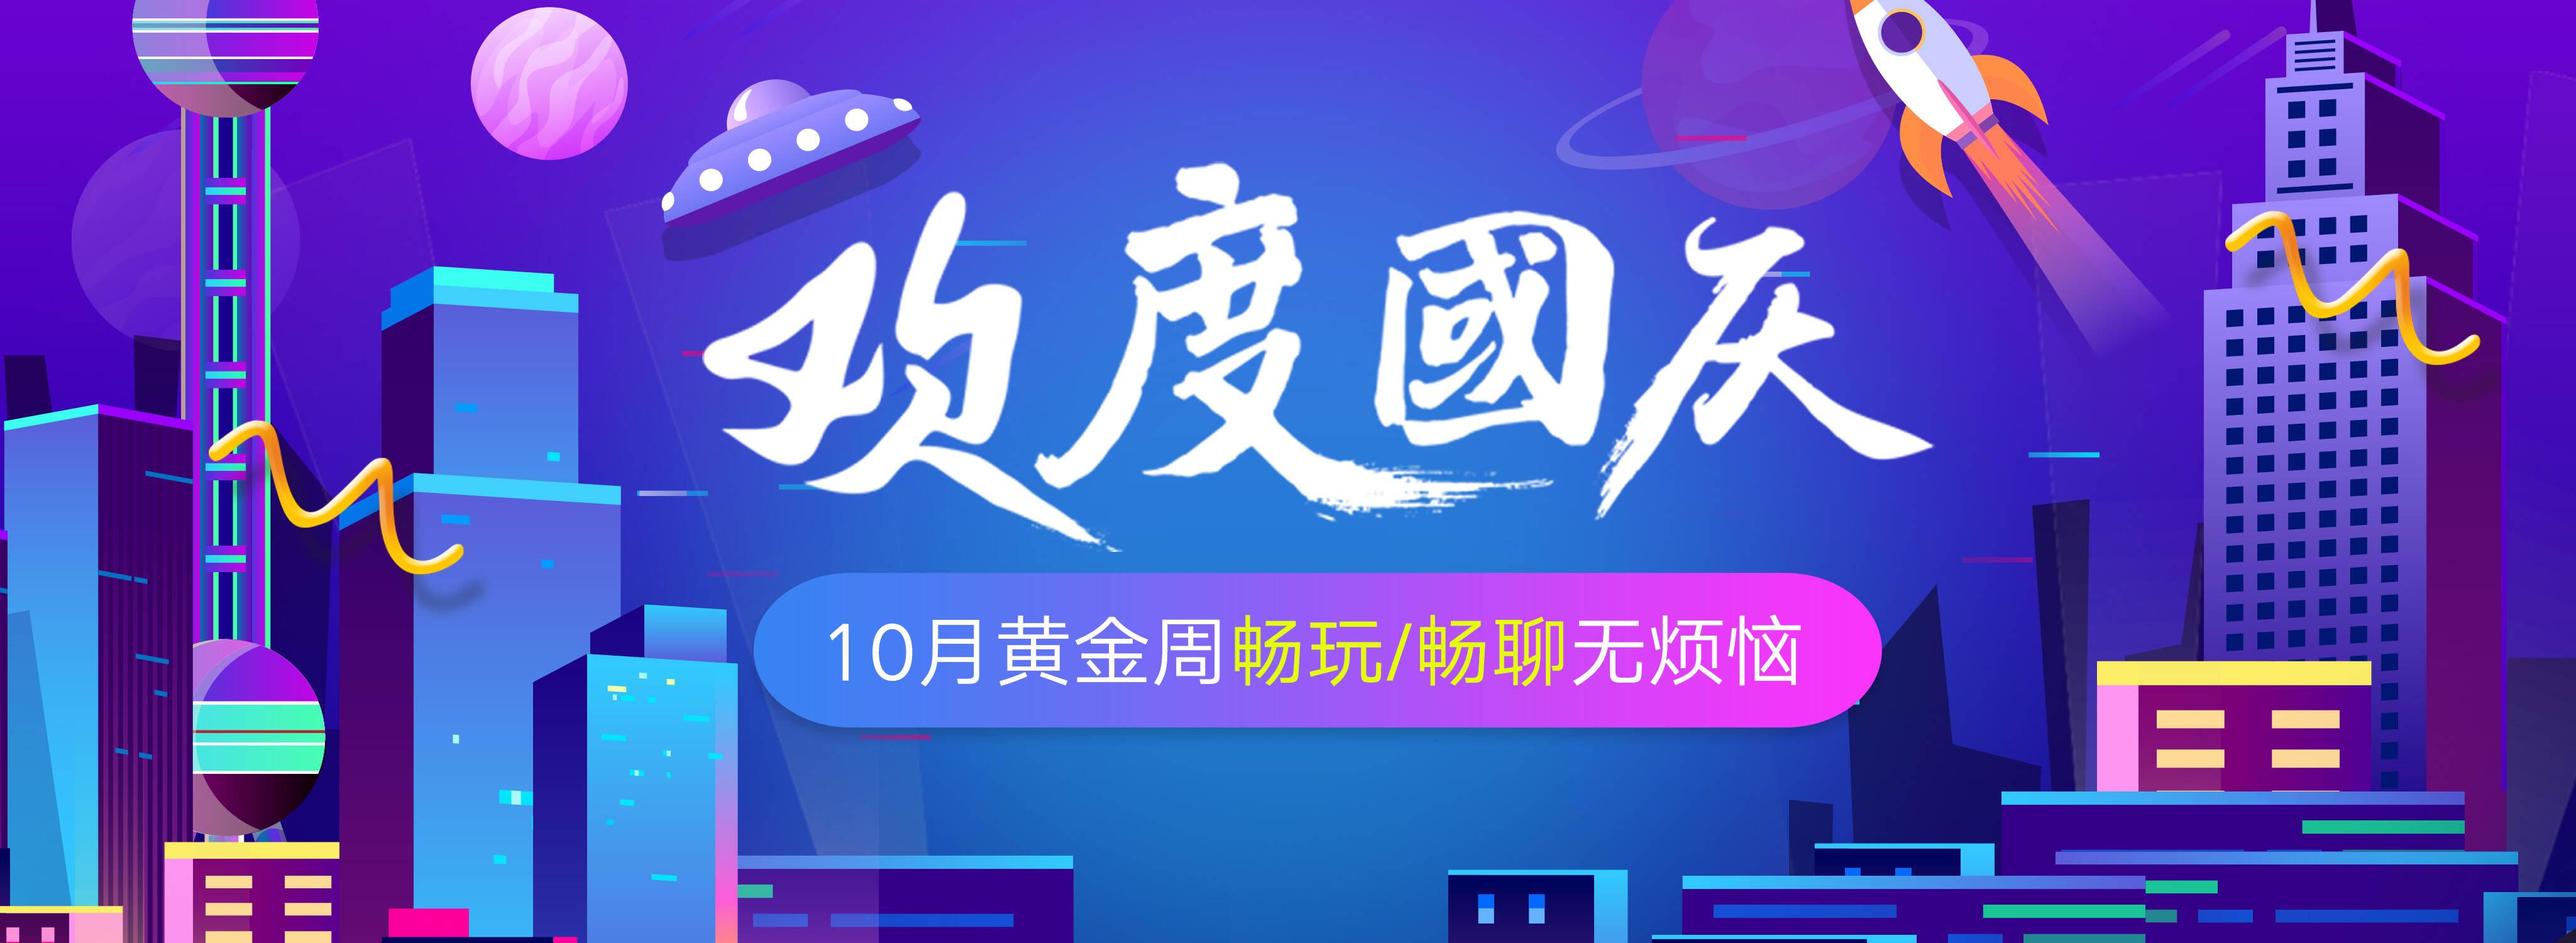 10月欢度国庆